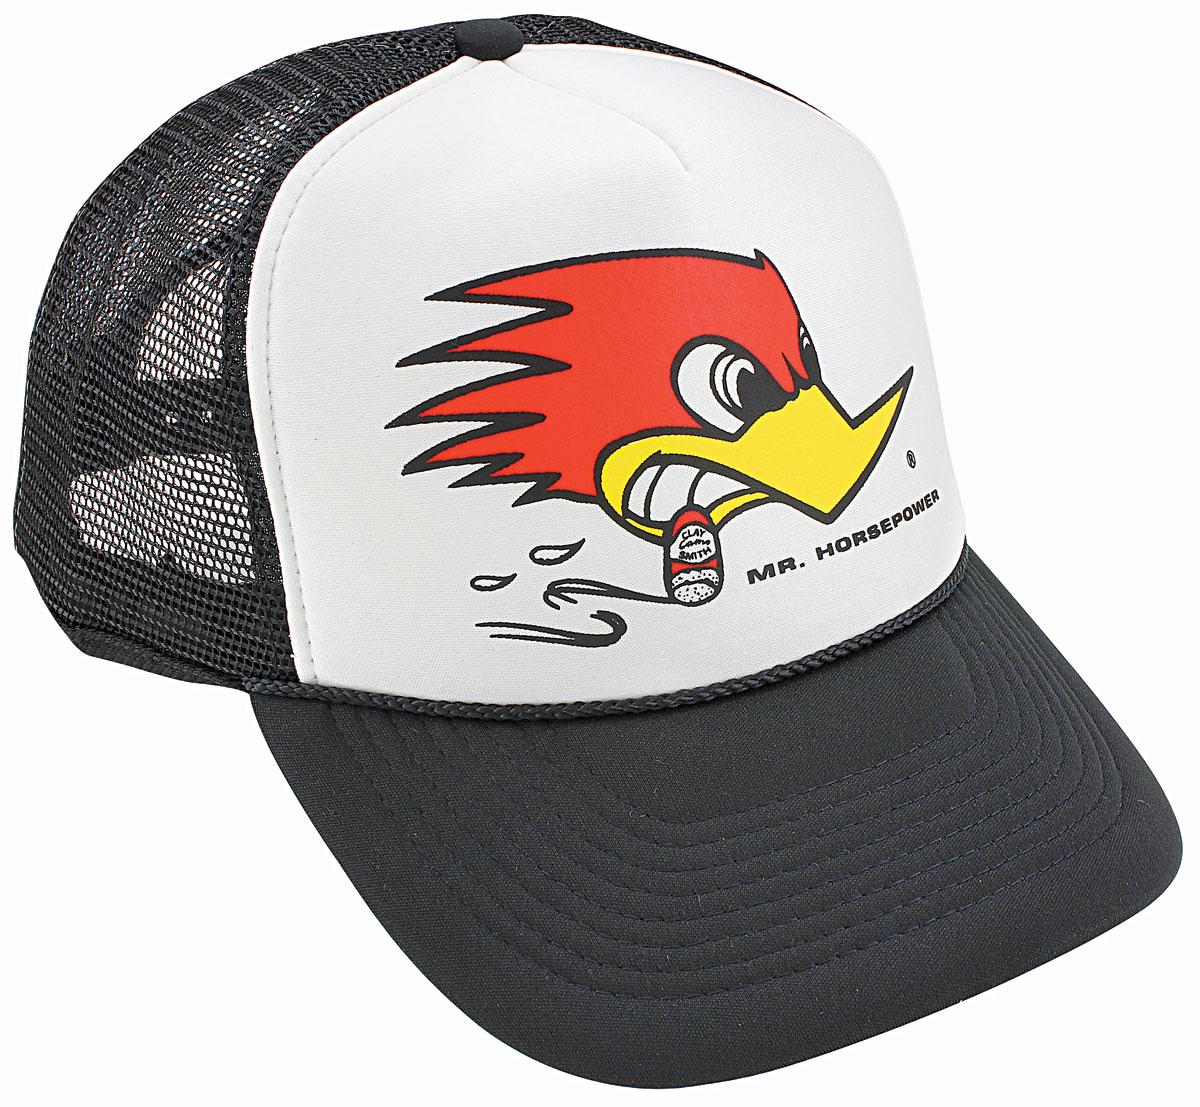 Photo of Mr. Horsepower Mesh Trucker Hat